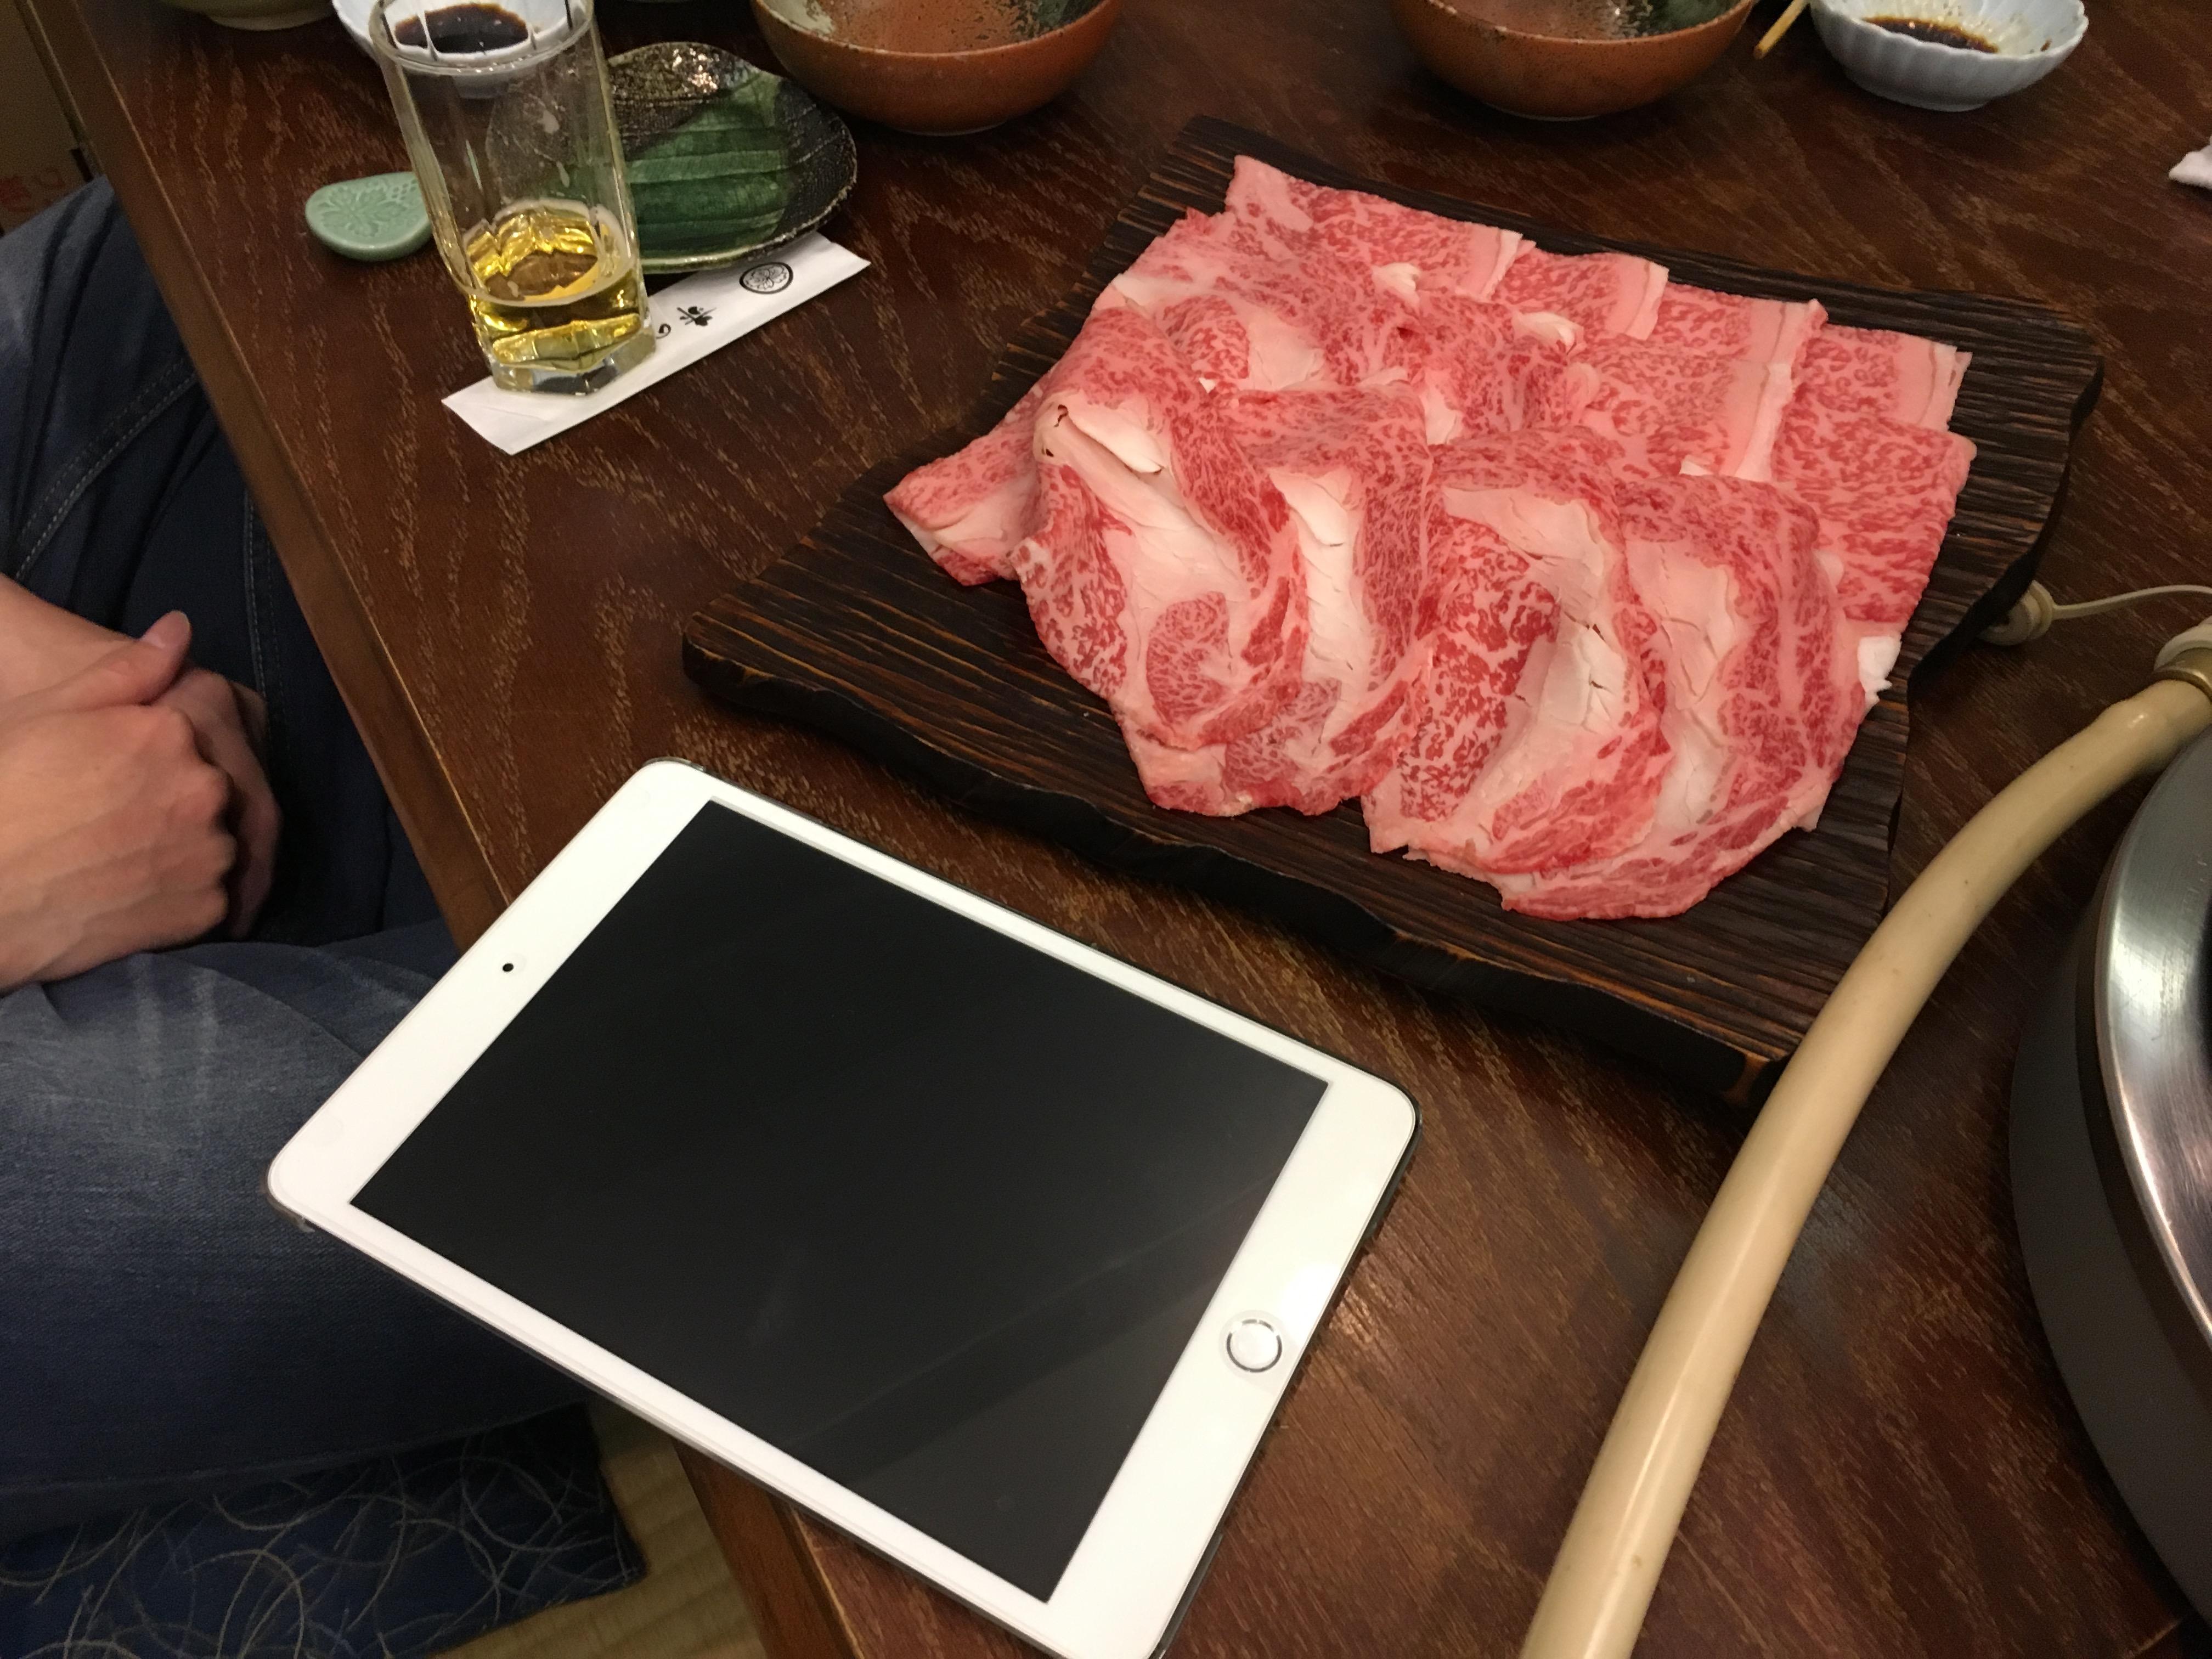 ゲームの途中ですが、お肉が凄すぎます!